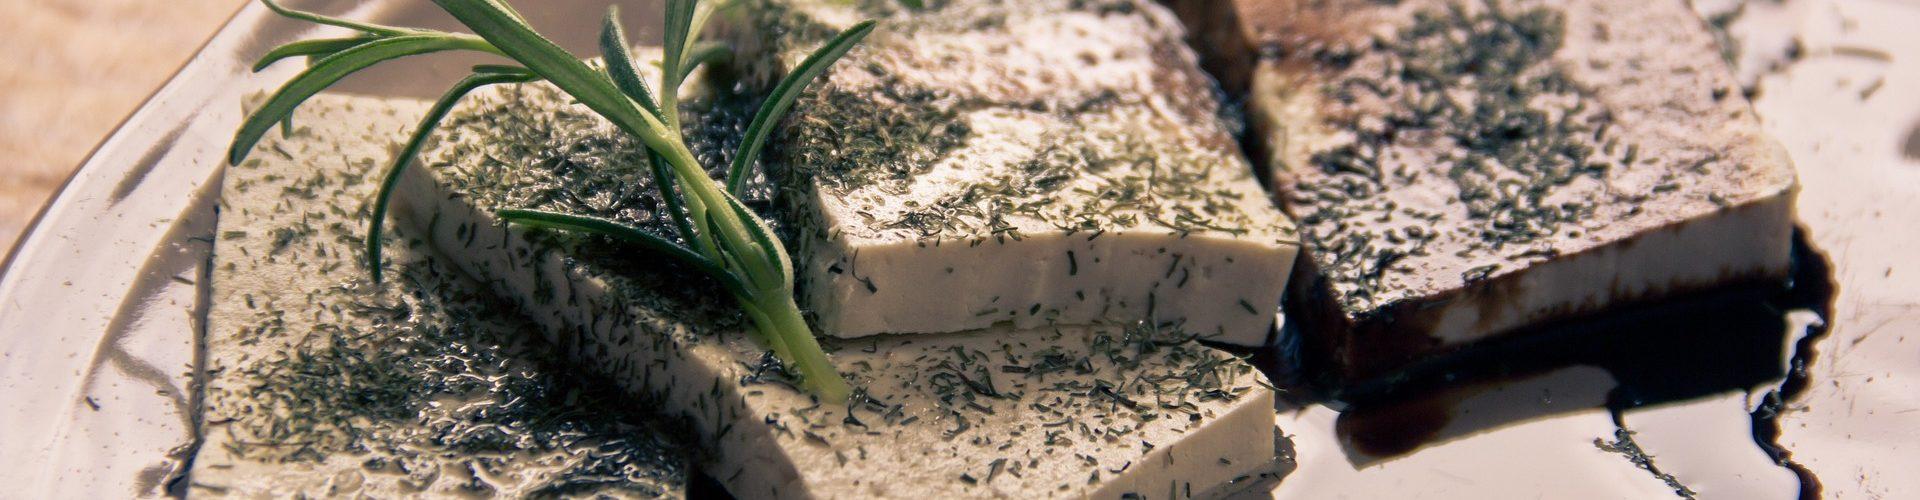 Il Tofu: alimento antico e dai mille usi